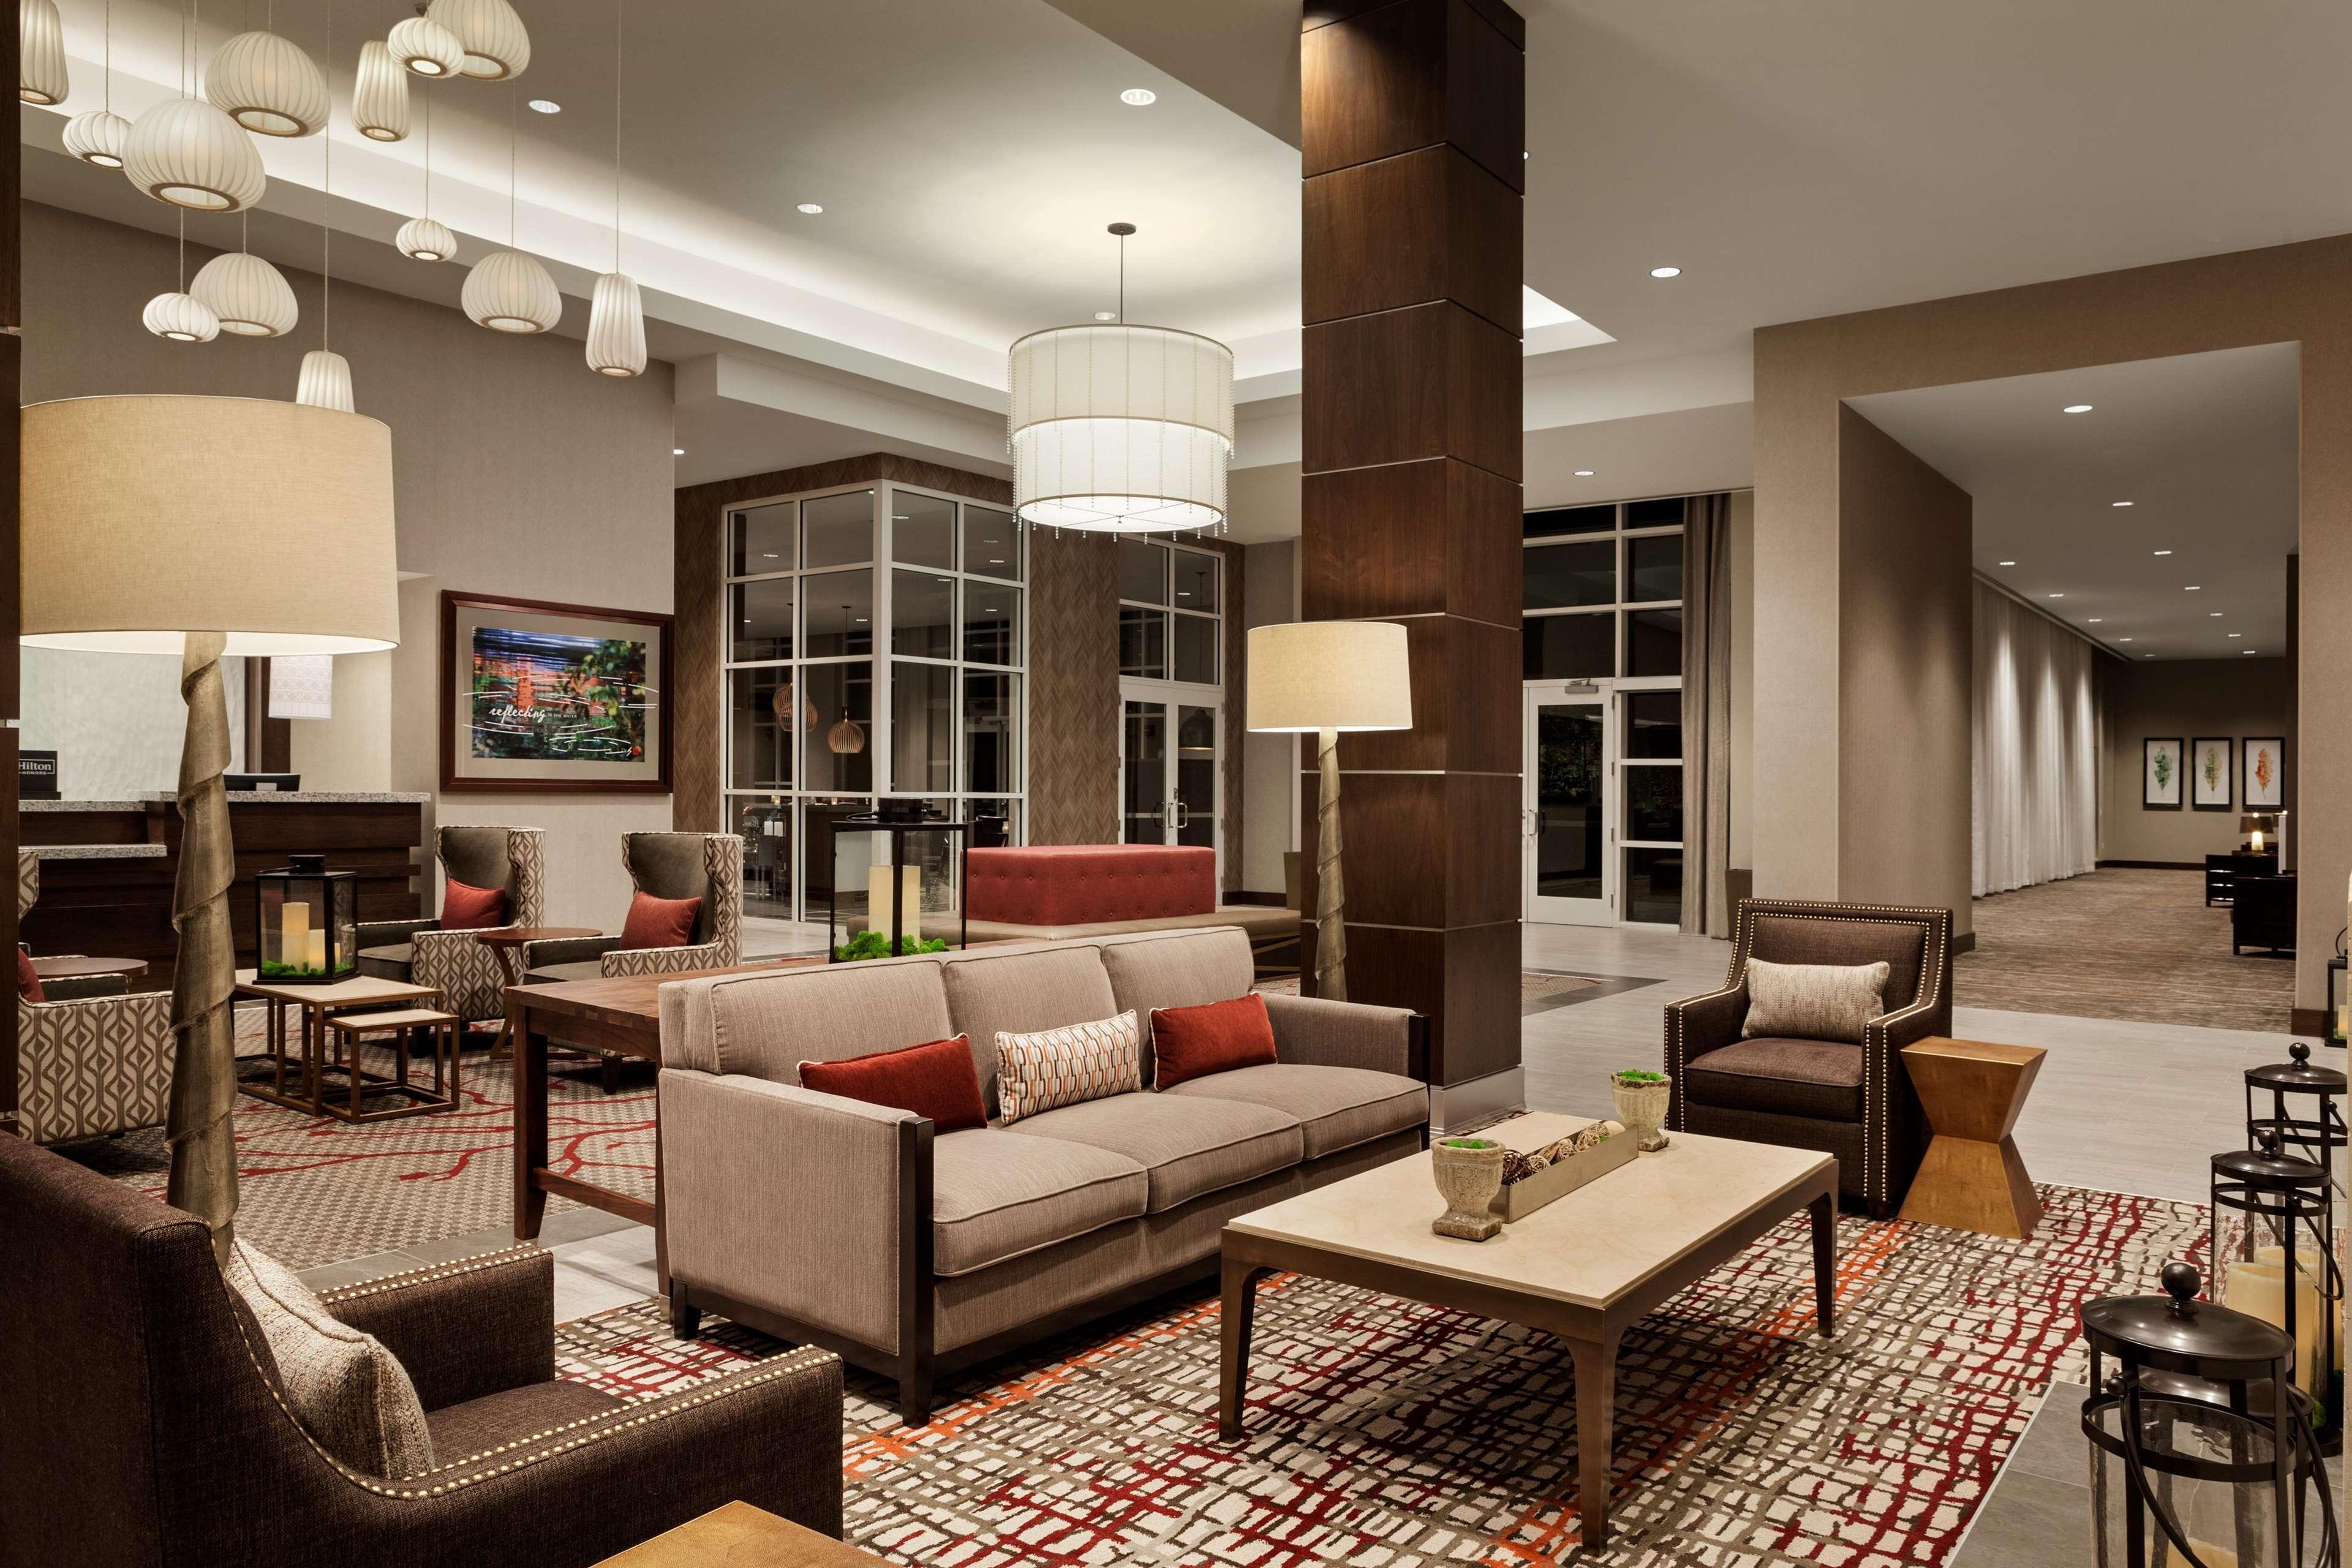 Hilton Garden Inn Charlotte Southpark In Charlotte Nc 28210